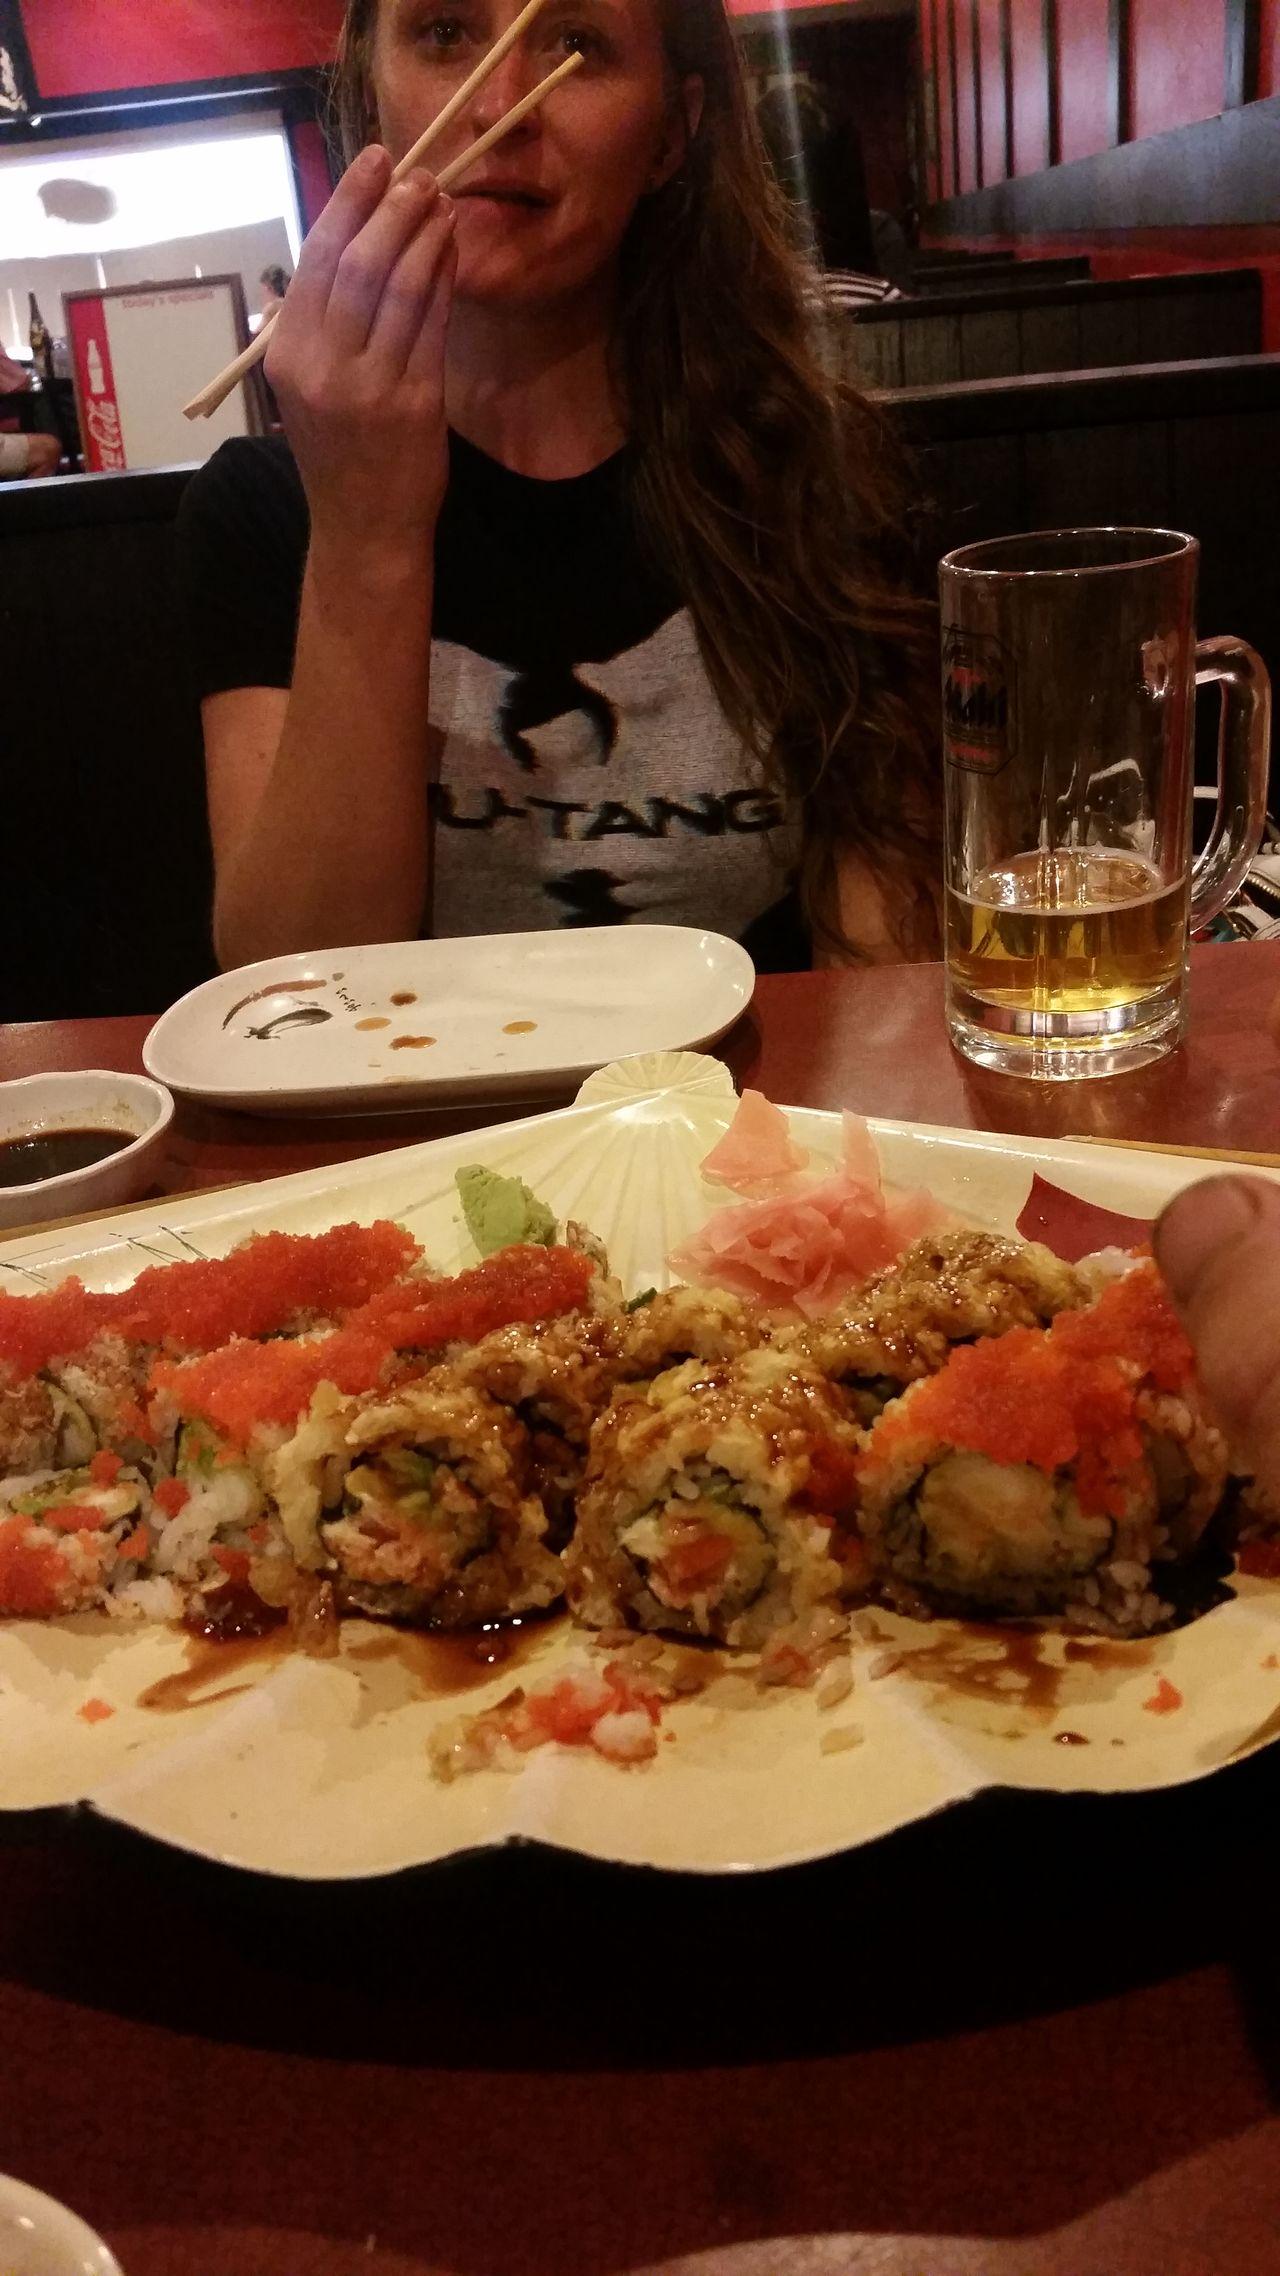 Sushidate Hanging Out Sushiaddict Sushi! Sushiporn